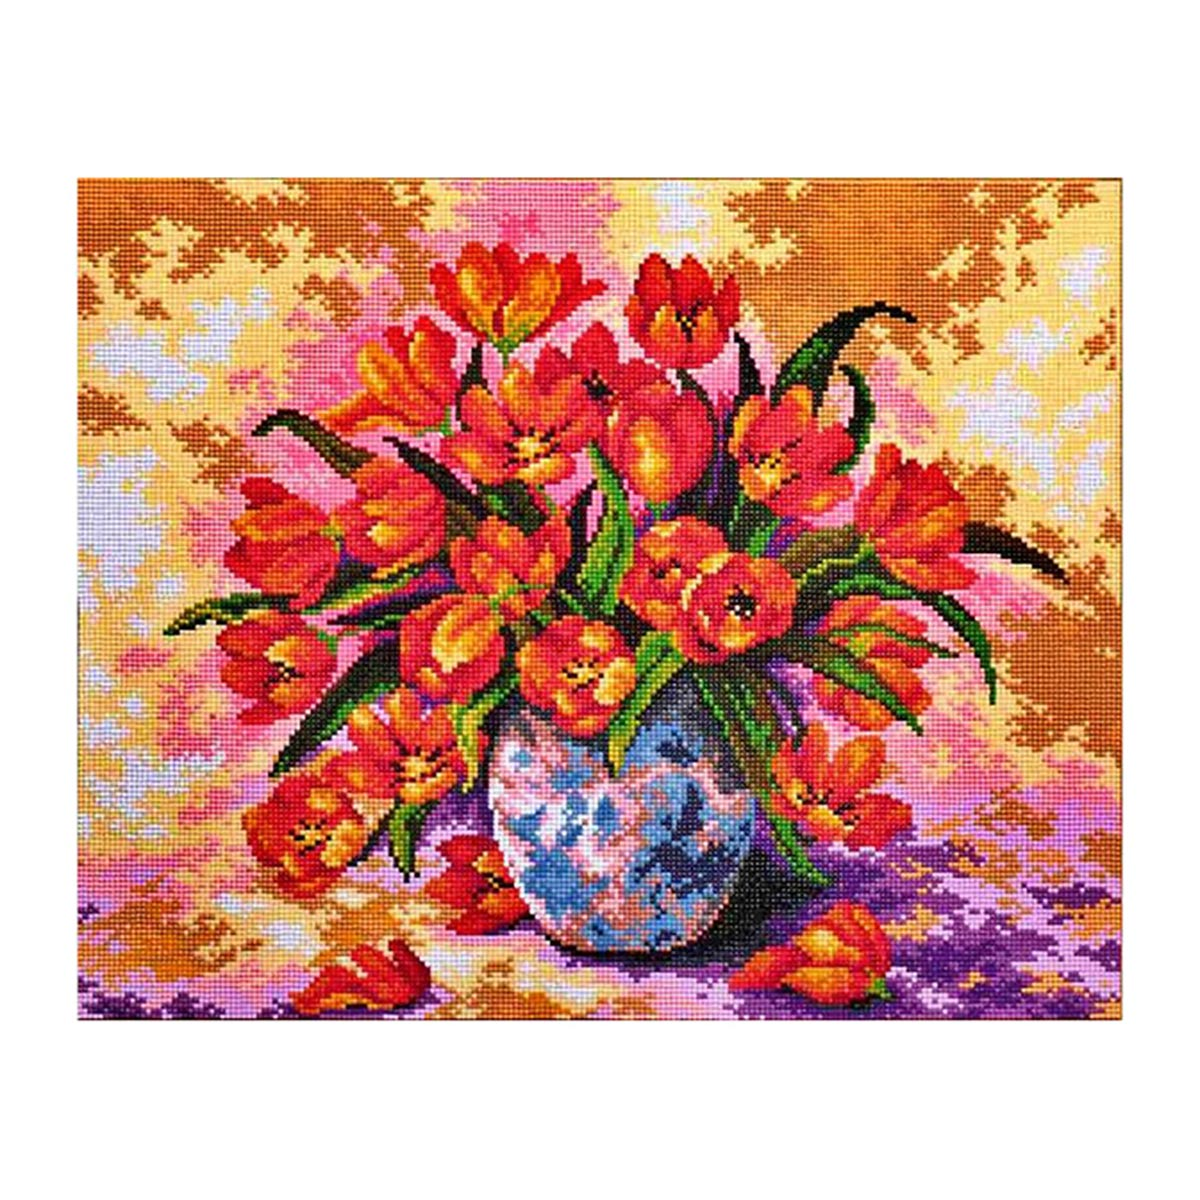 7121 Мозаика Cristal 'Букет тюльпанов', 55*44 см